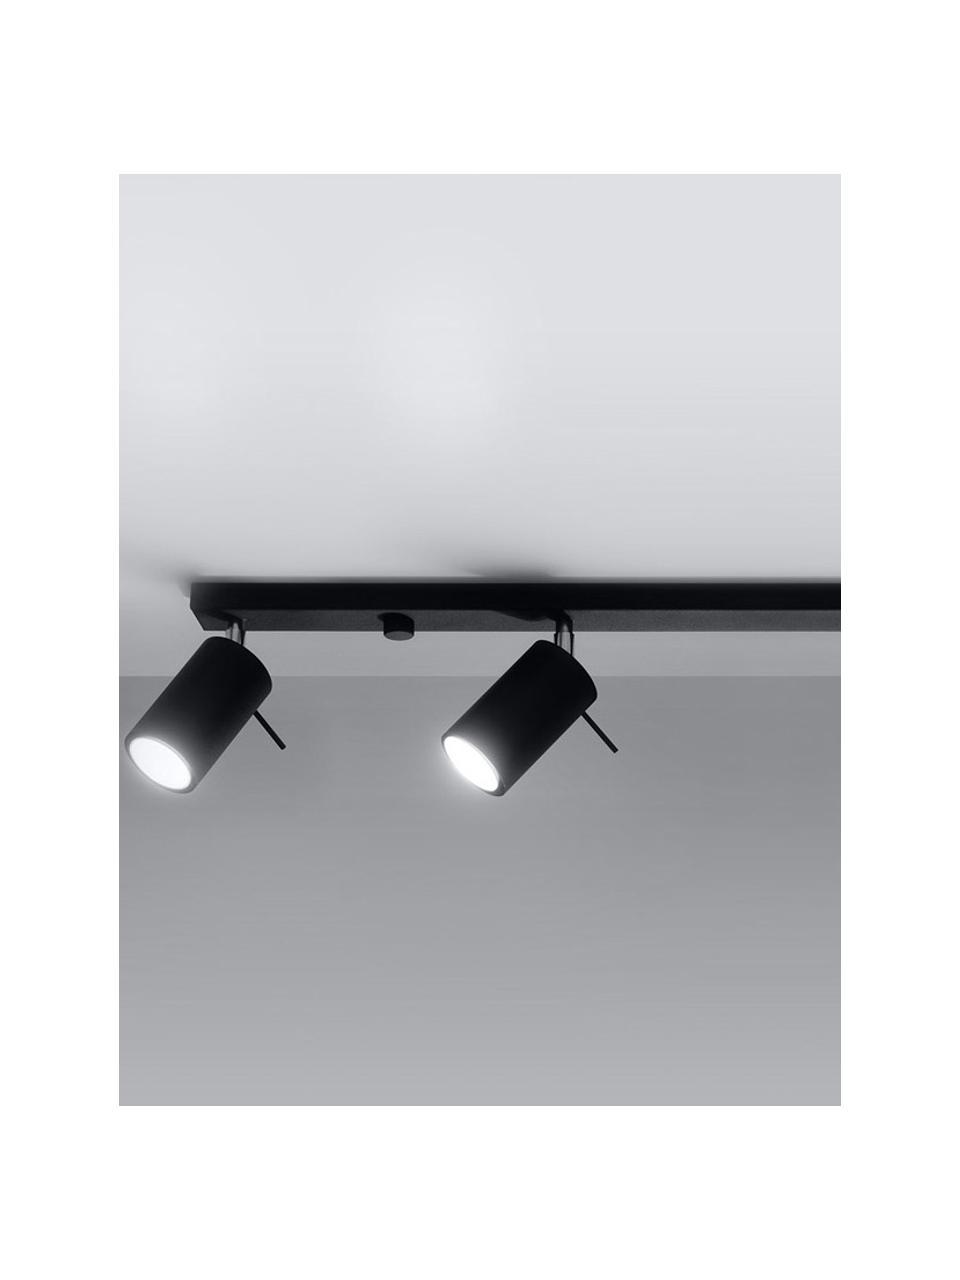 Faretti da soffitto neri Etna, Paralume: acciaio verniciato, Baldacchino: acciaio verniciato, Nero, Larg. 81 x Alt. 16 cm